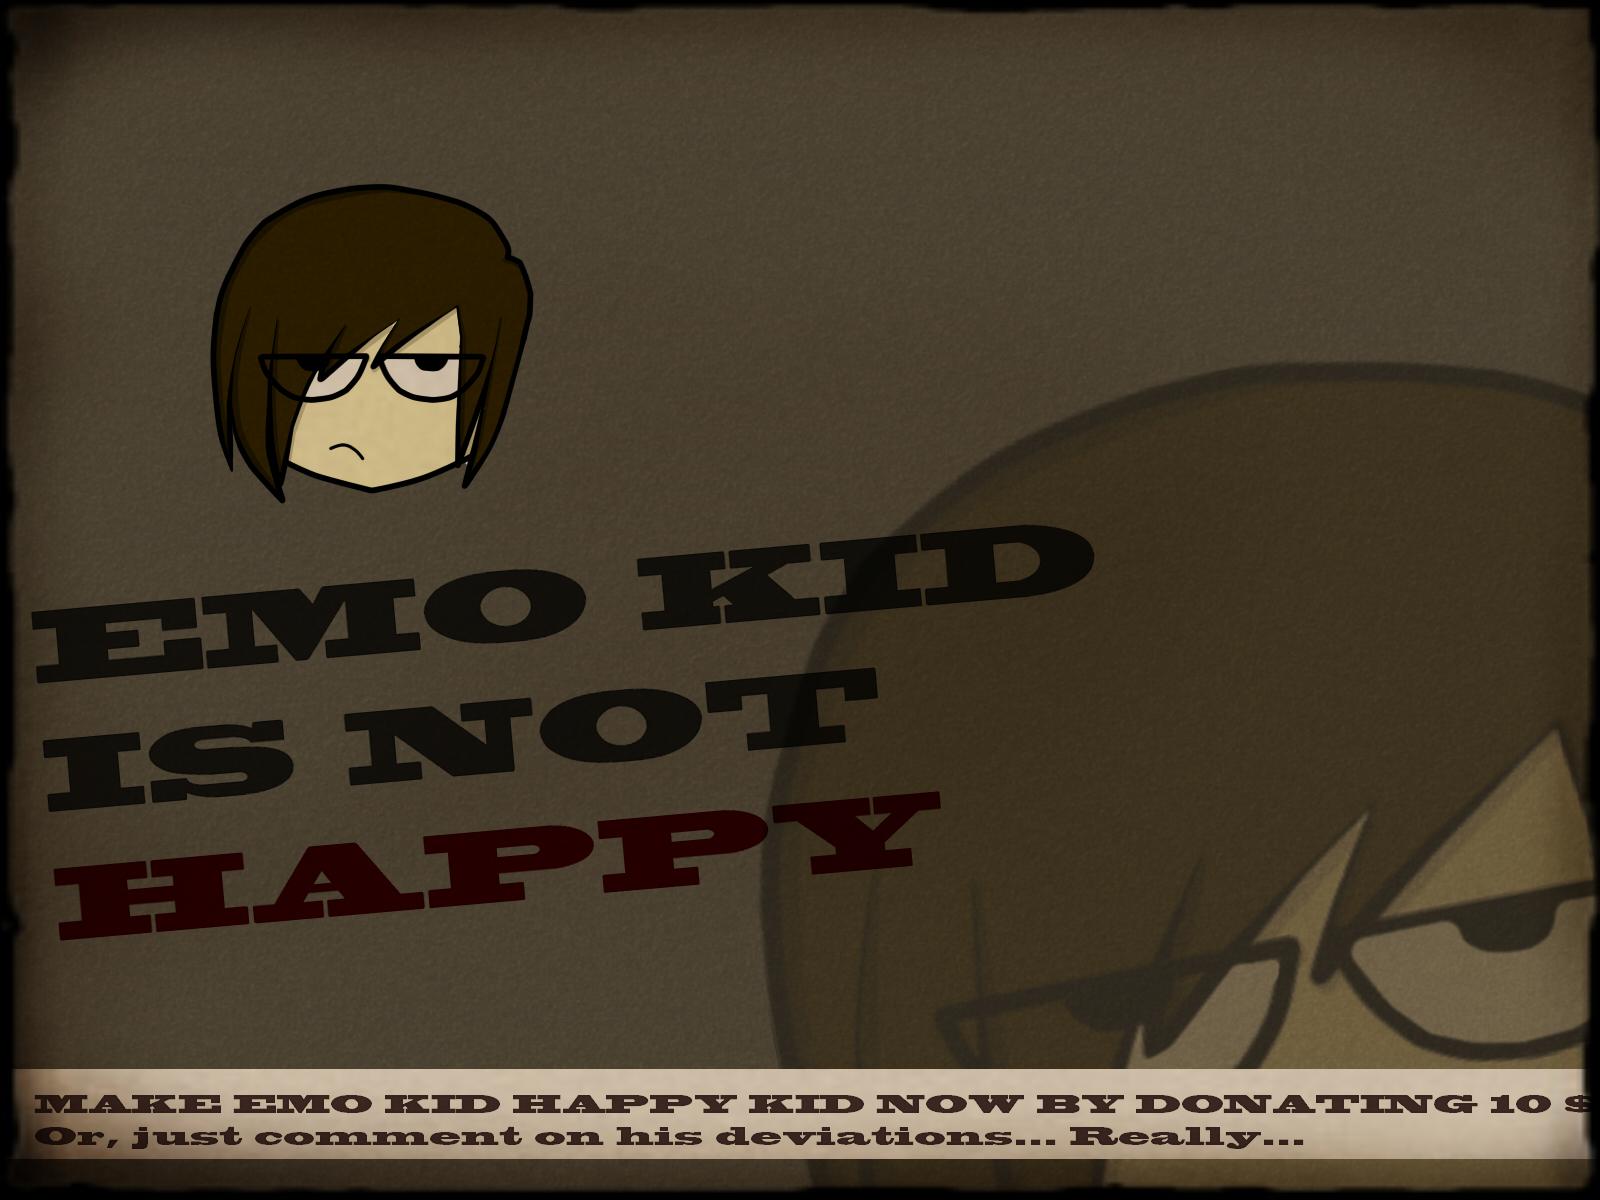 Emo kid is not happy!